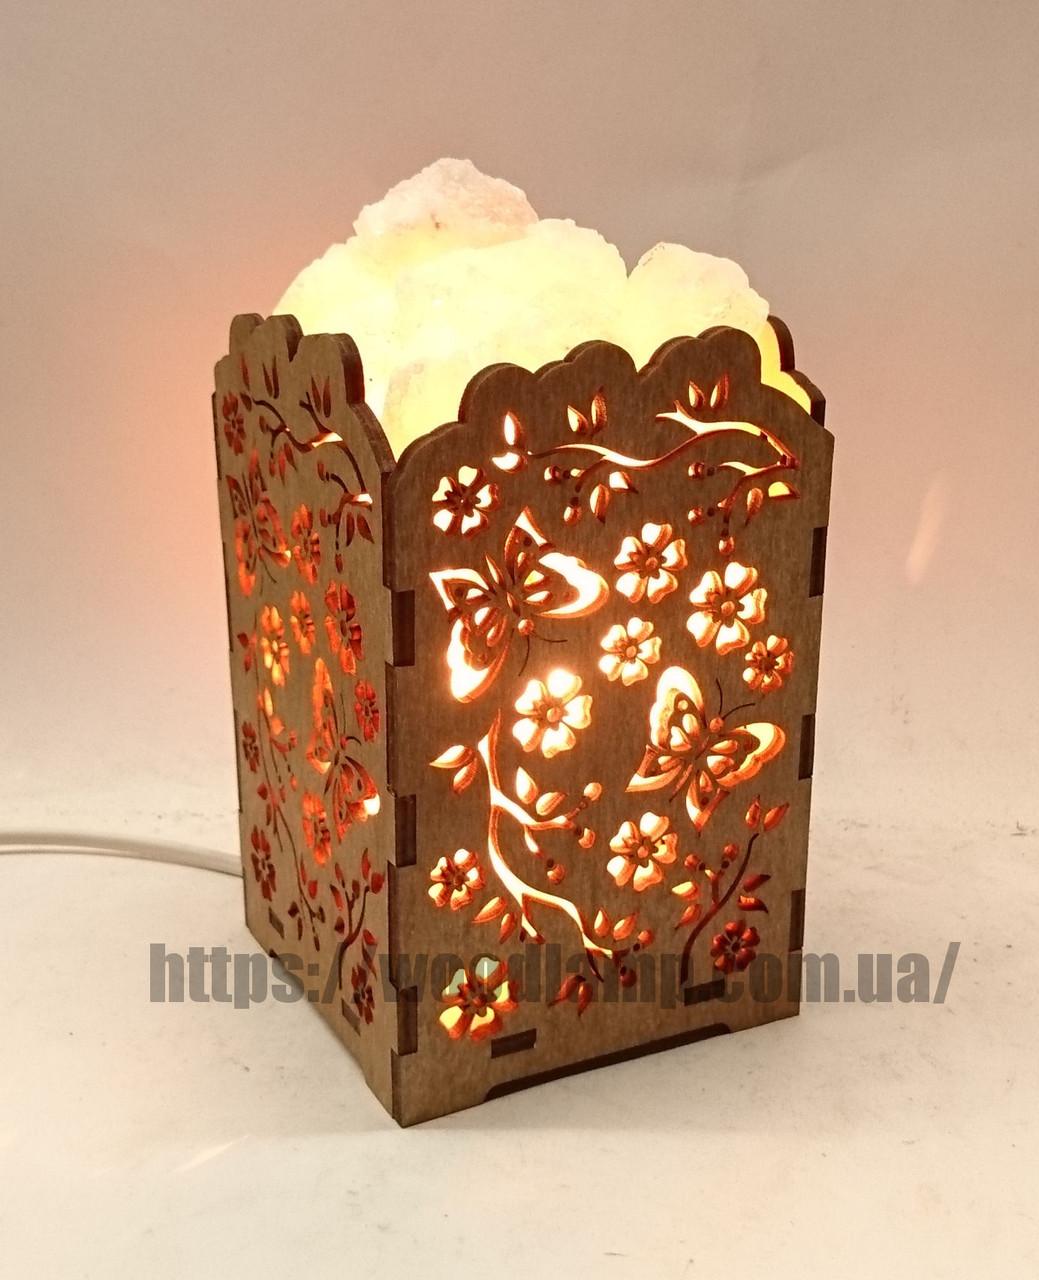 Соляной светильник Камин с кристаллами соли Ветка